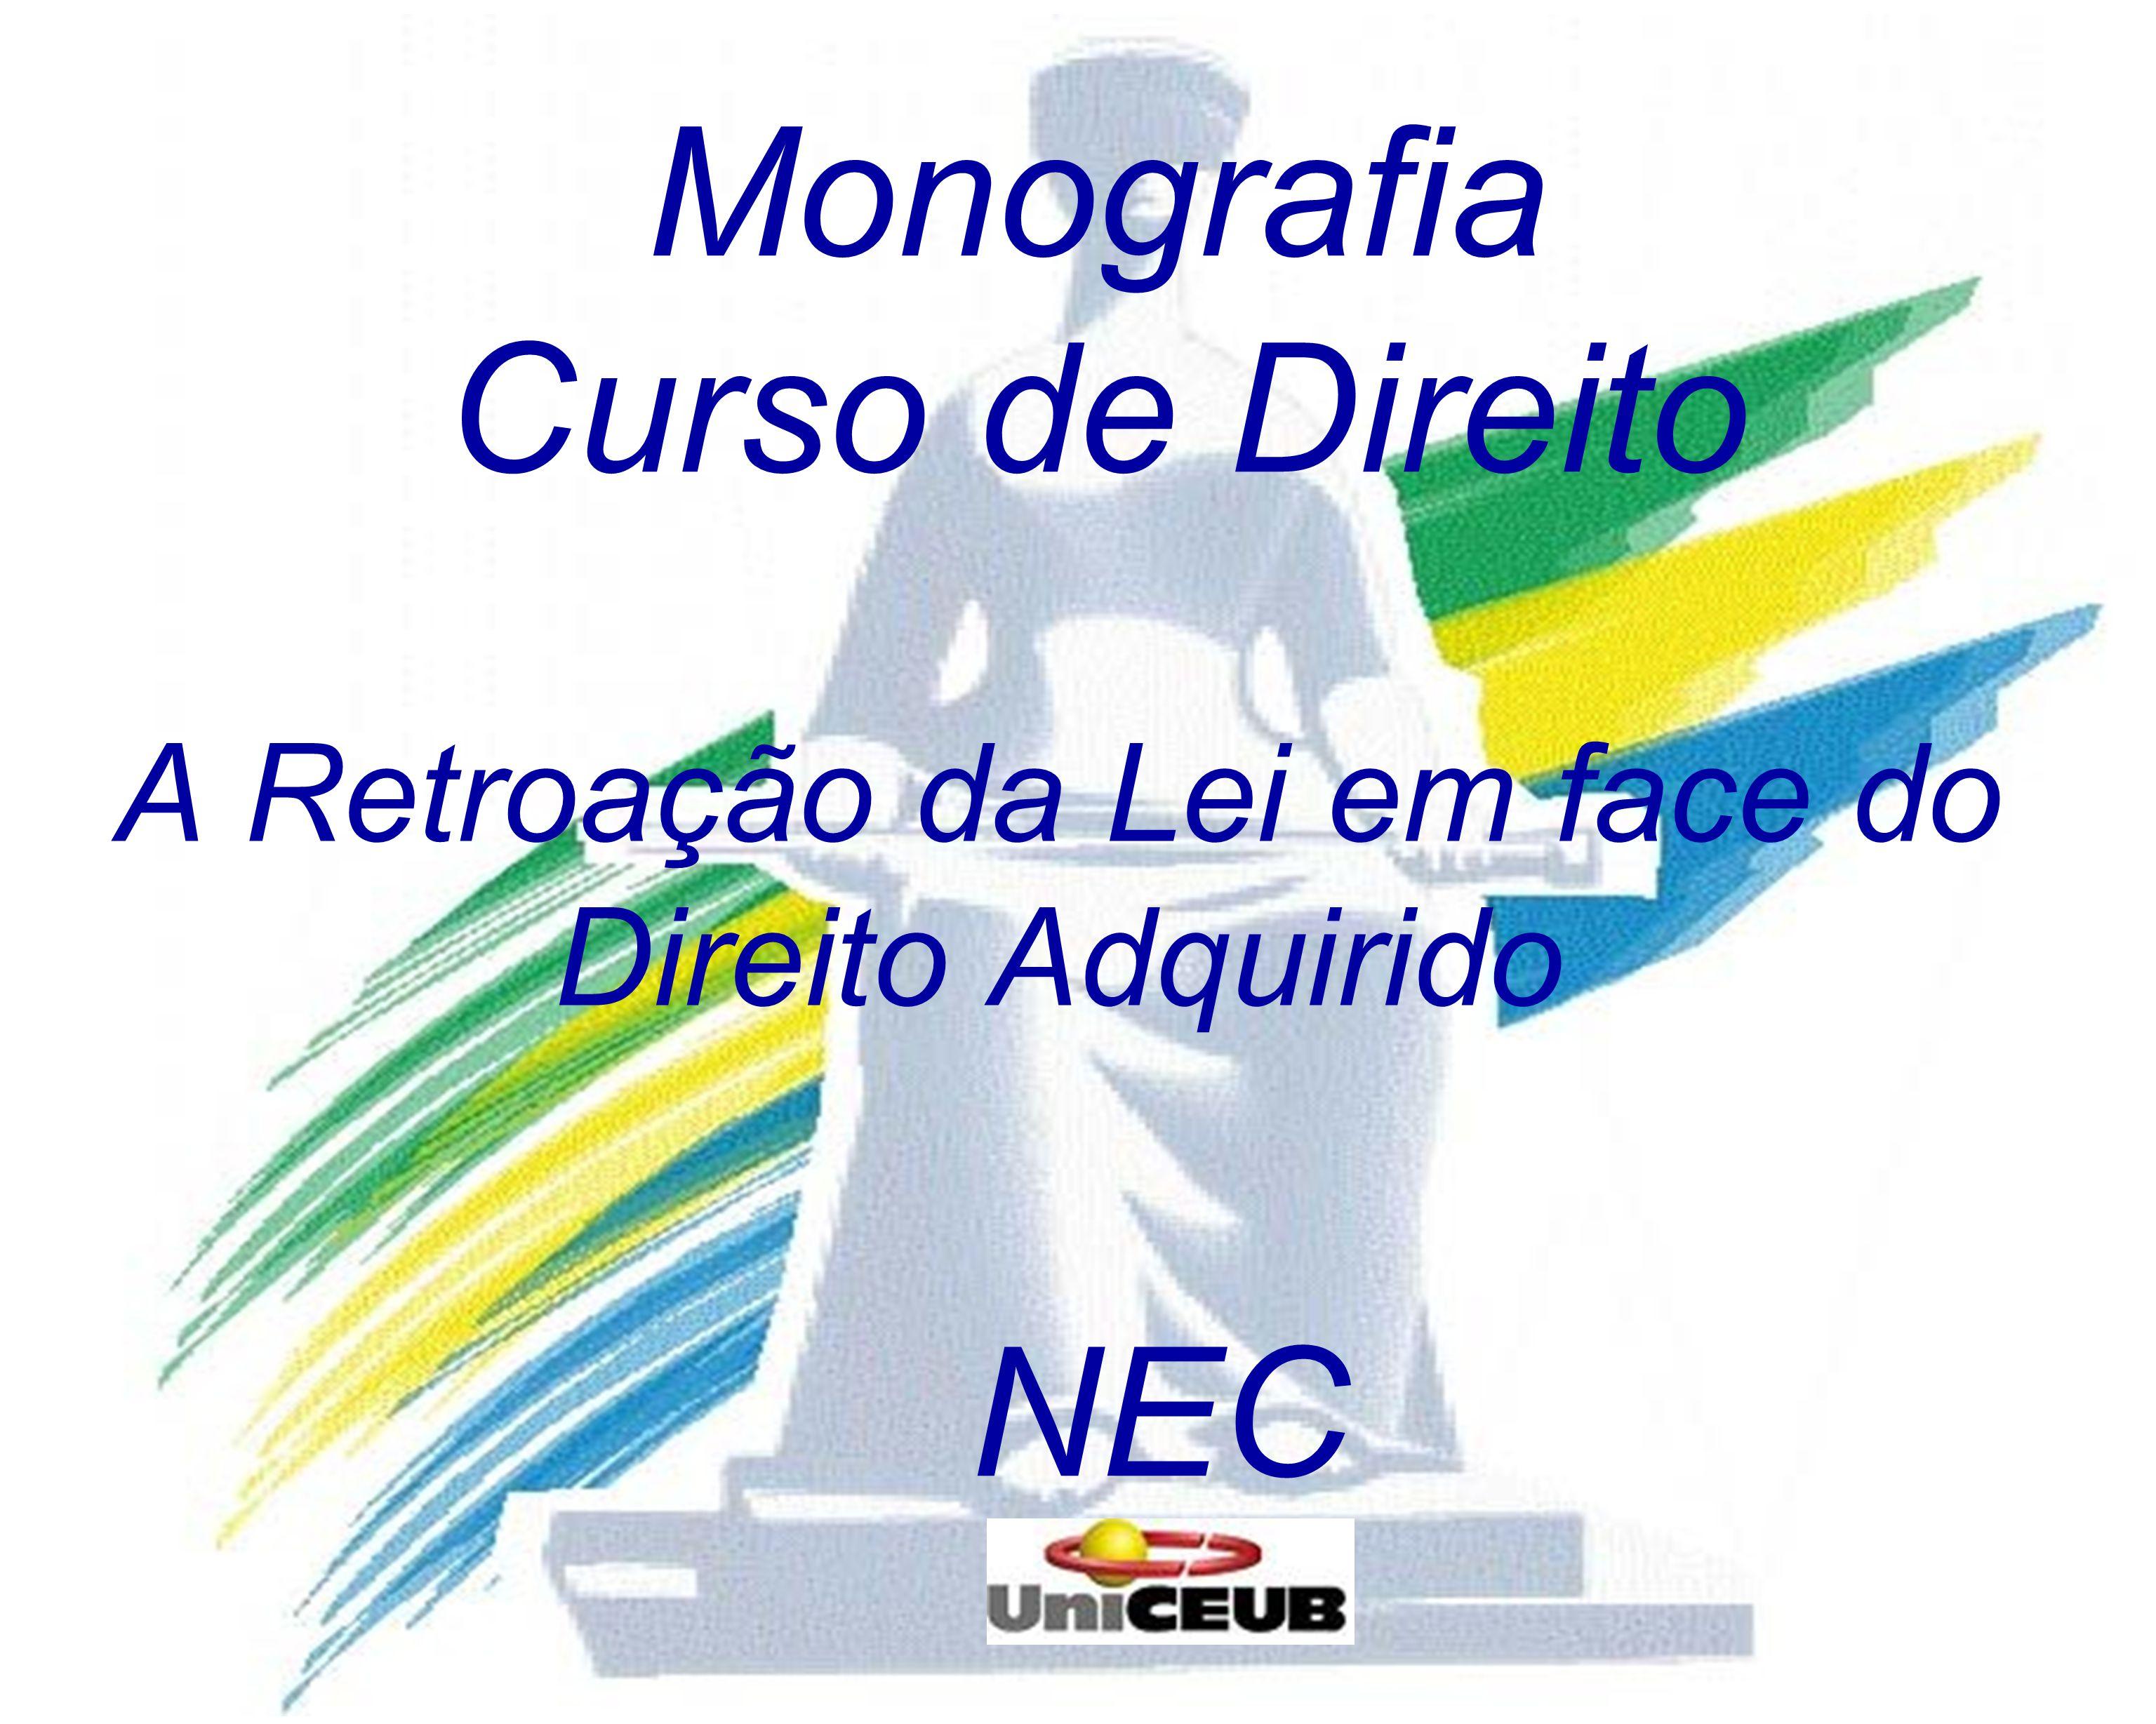 Monografia Curso de Direito A Retroação da Lei em face do Direito Adquirido NEC